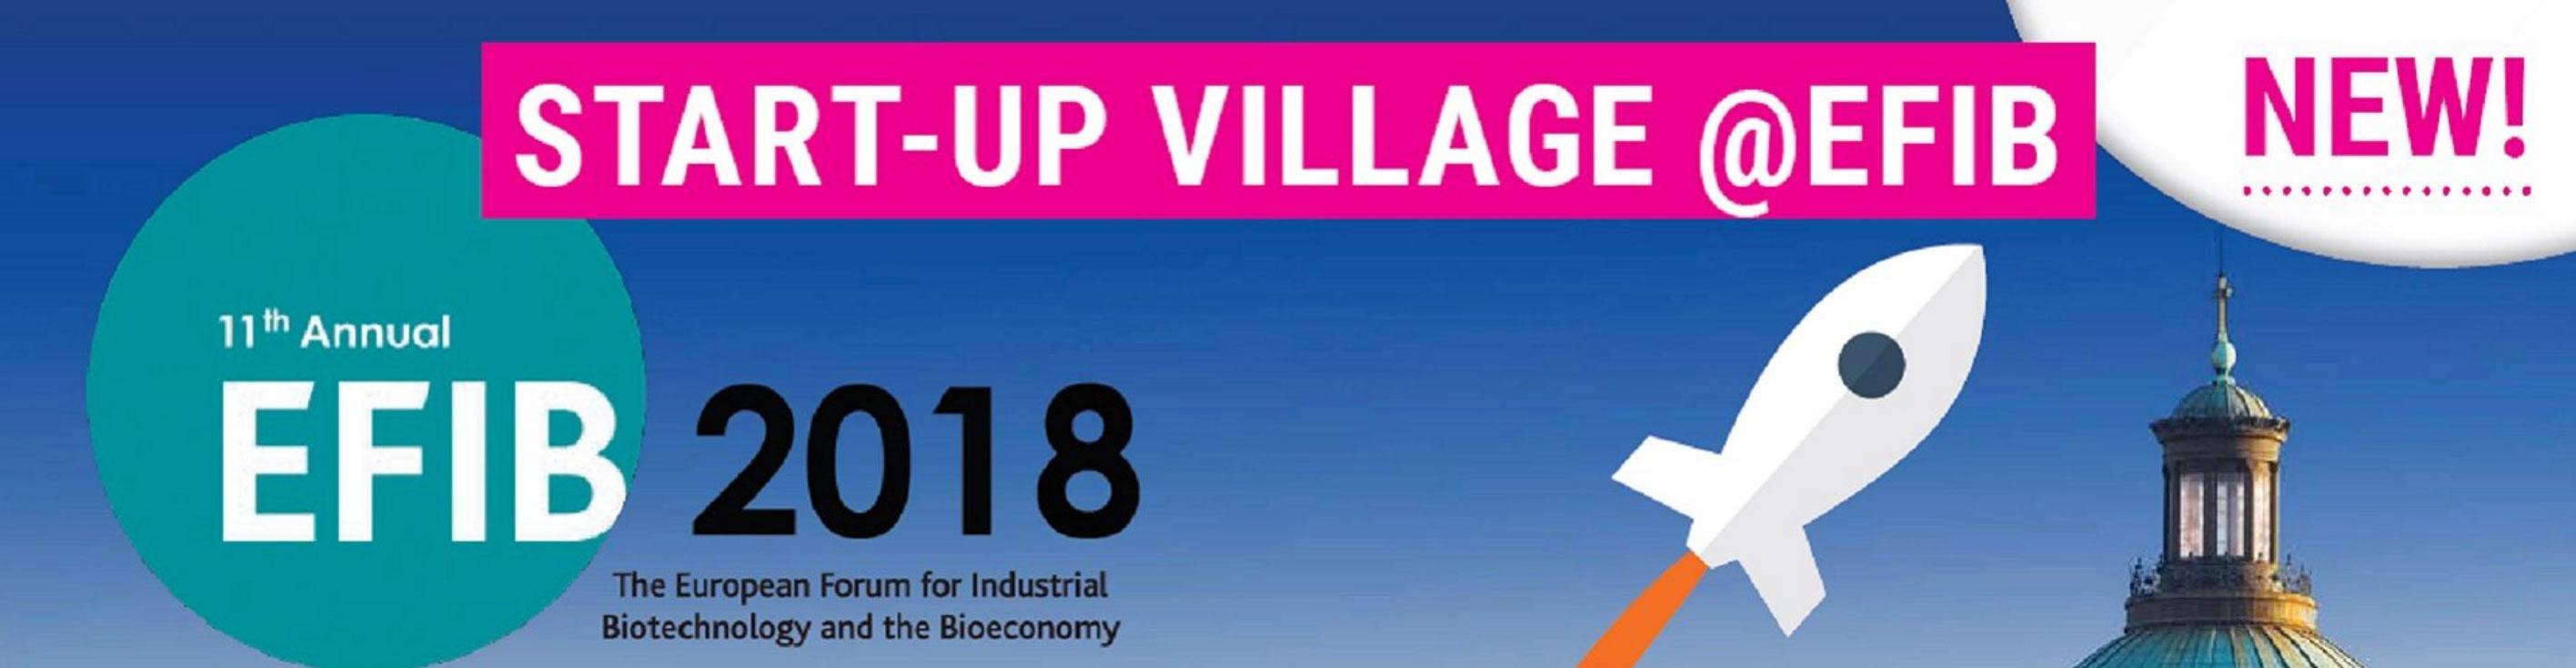 Arbiom at the EFIB start-up village